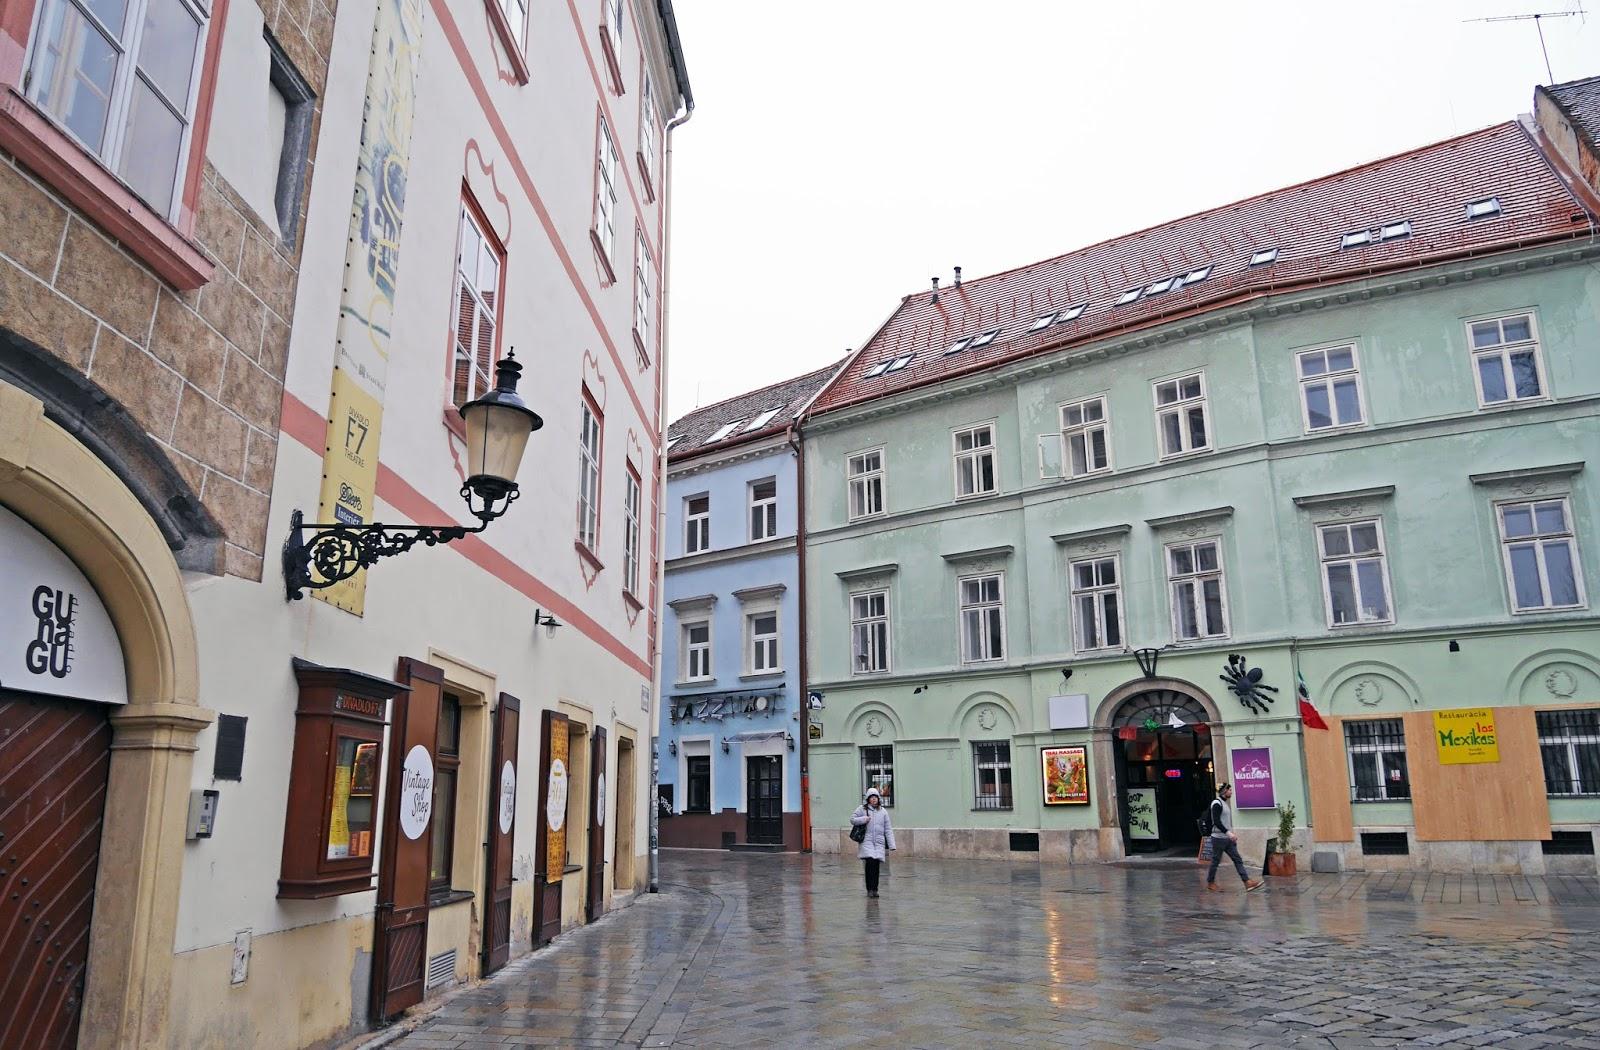 Quiet Bratislava Old Town in Winter